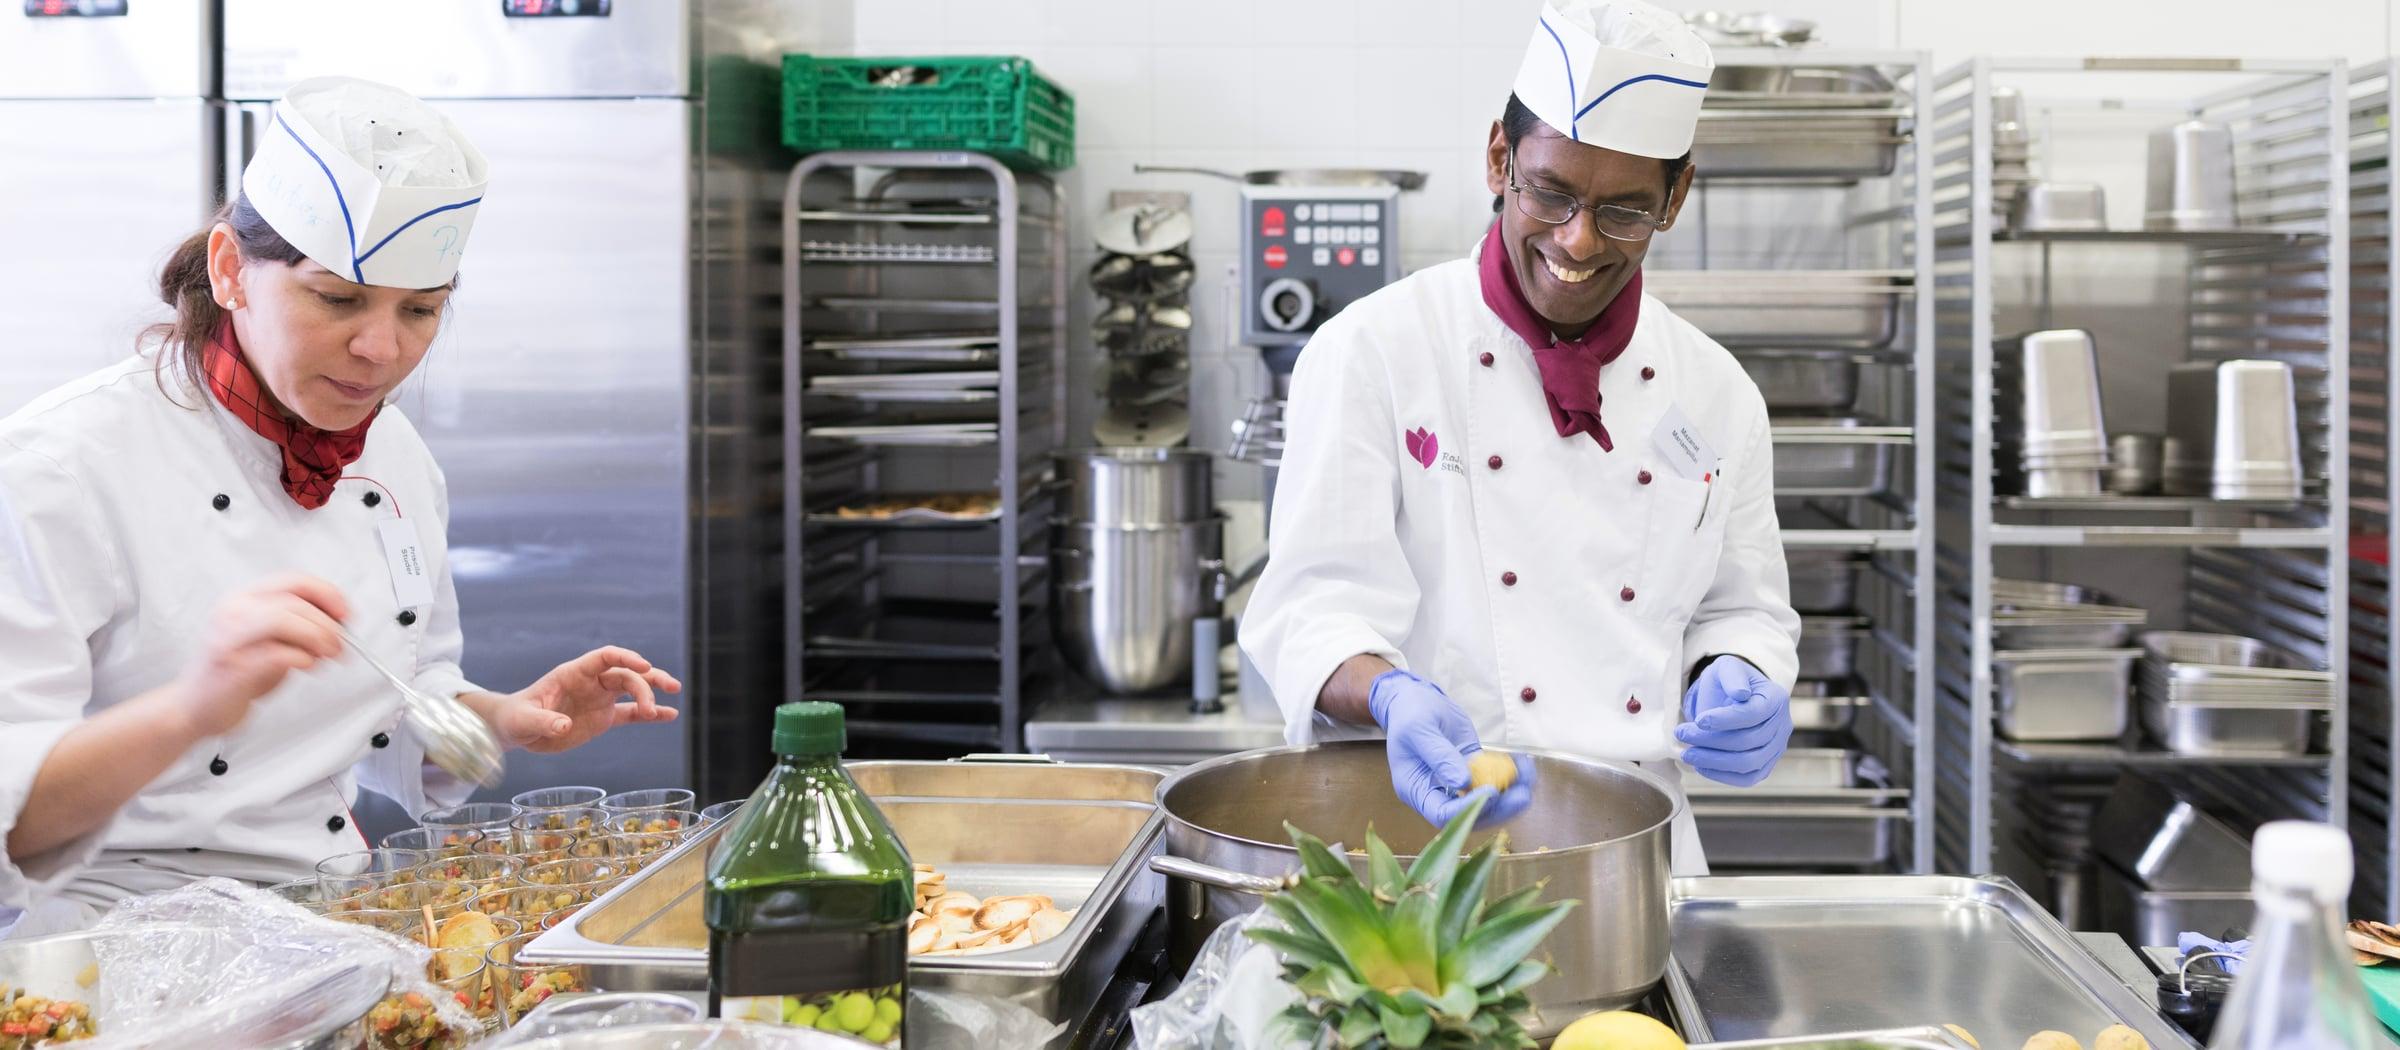 Pistor Inspiration Flüchtlinge in der Gastronomie nicht immer willkommen aber höchst wertvoll Muggenbuehl Riesco 91